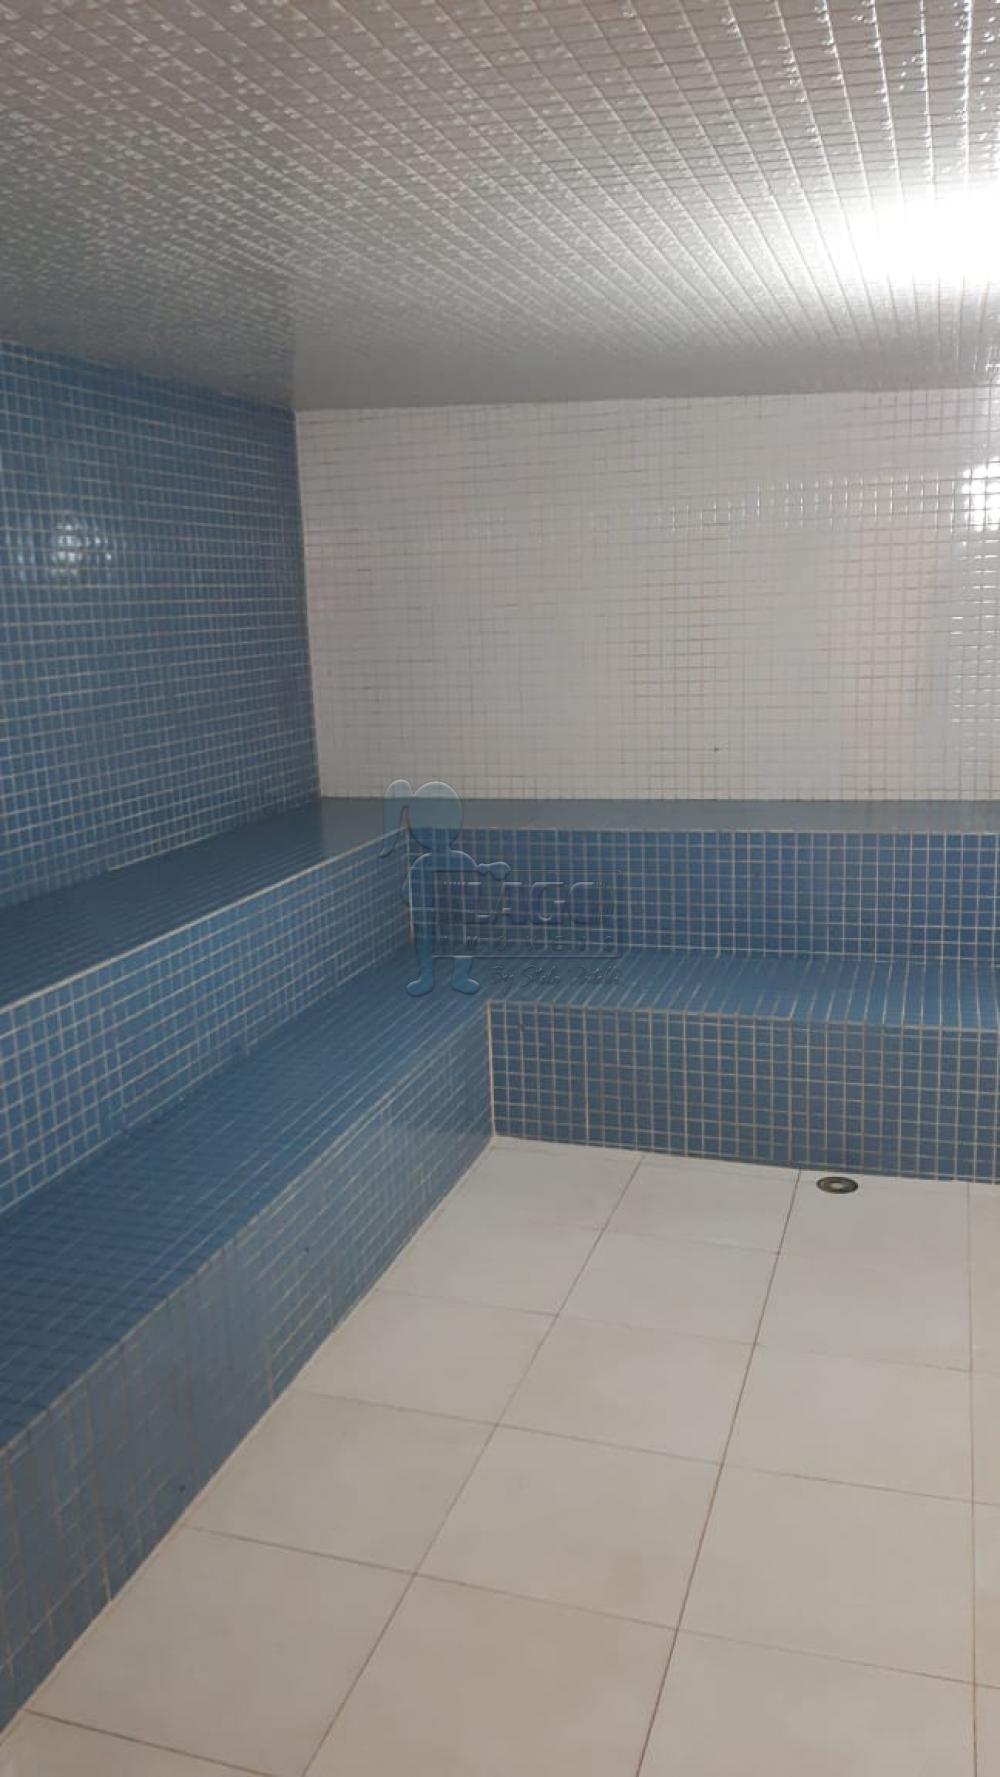 Comprar Apartamento / Padrão em Ribeirão Preto apenas R$ 300.000,00 - Foto 30